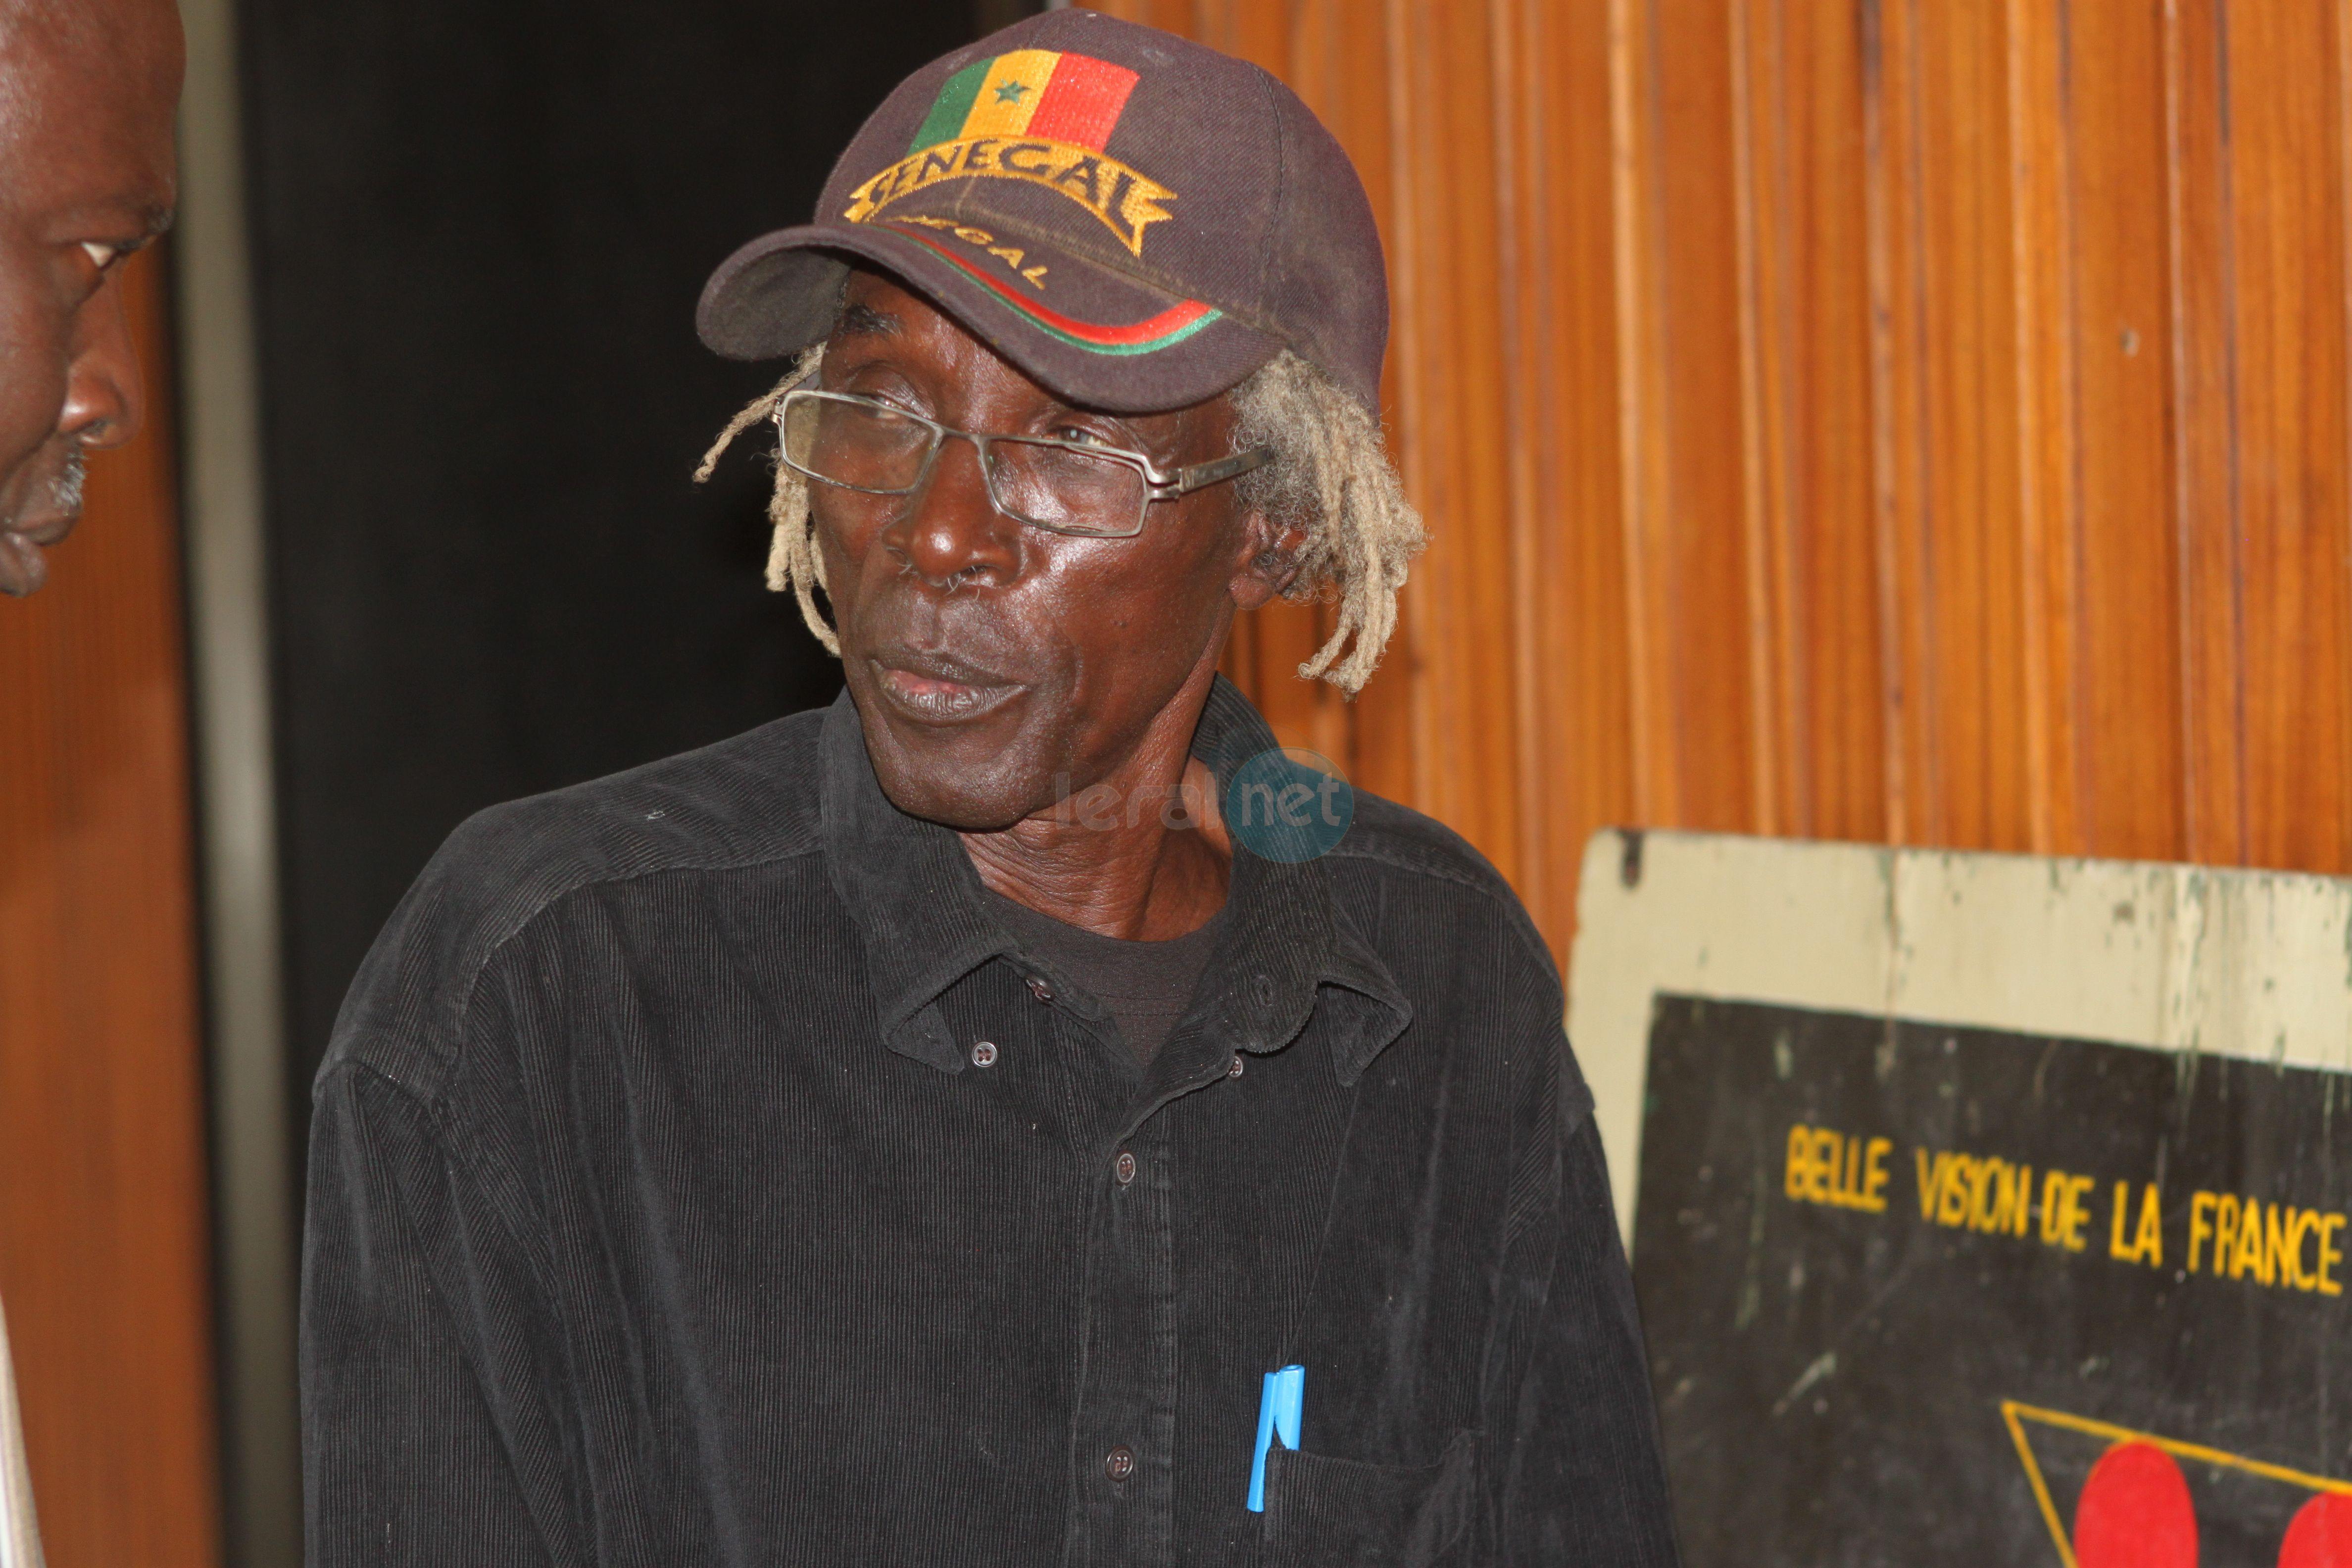 Amadou Hady Aïdara, artiste plasticien de Dagana : l'homme qui persiste et signe qu'il a percé le secret de la Joconde de Léonard de Vinci